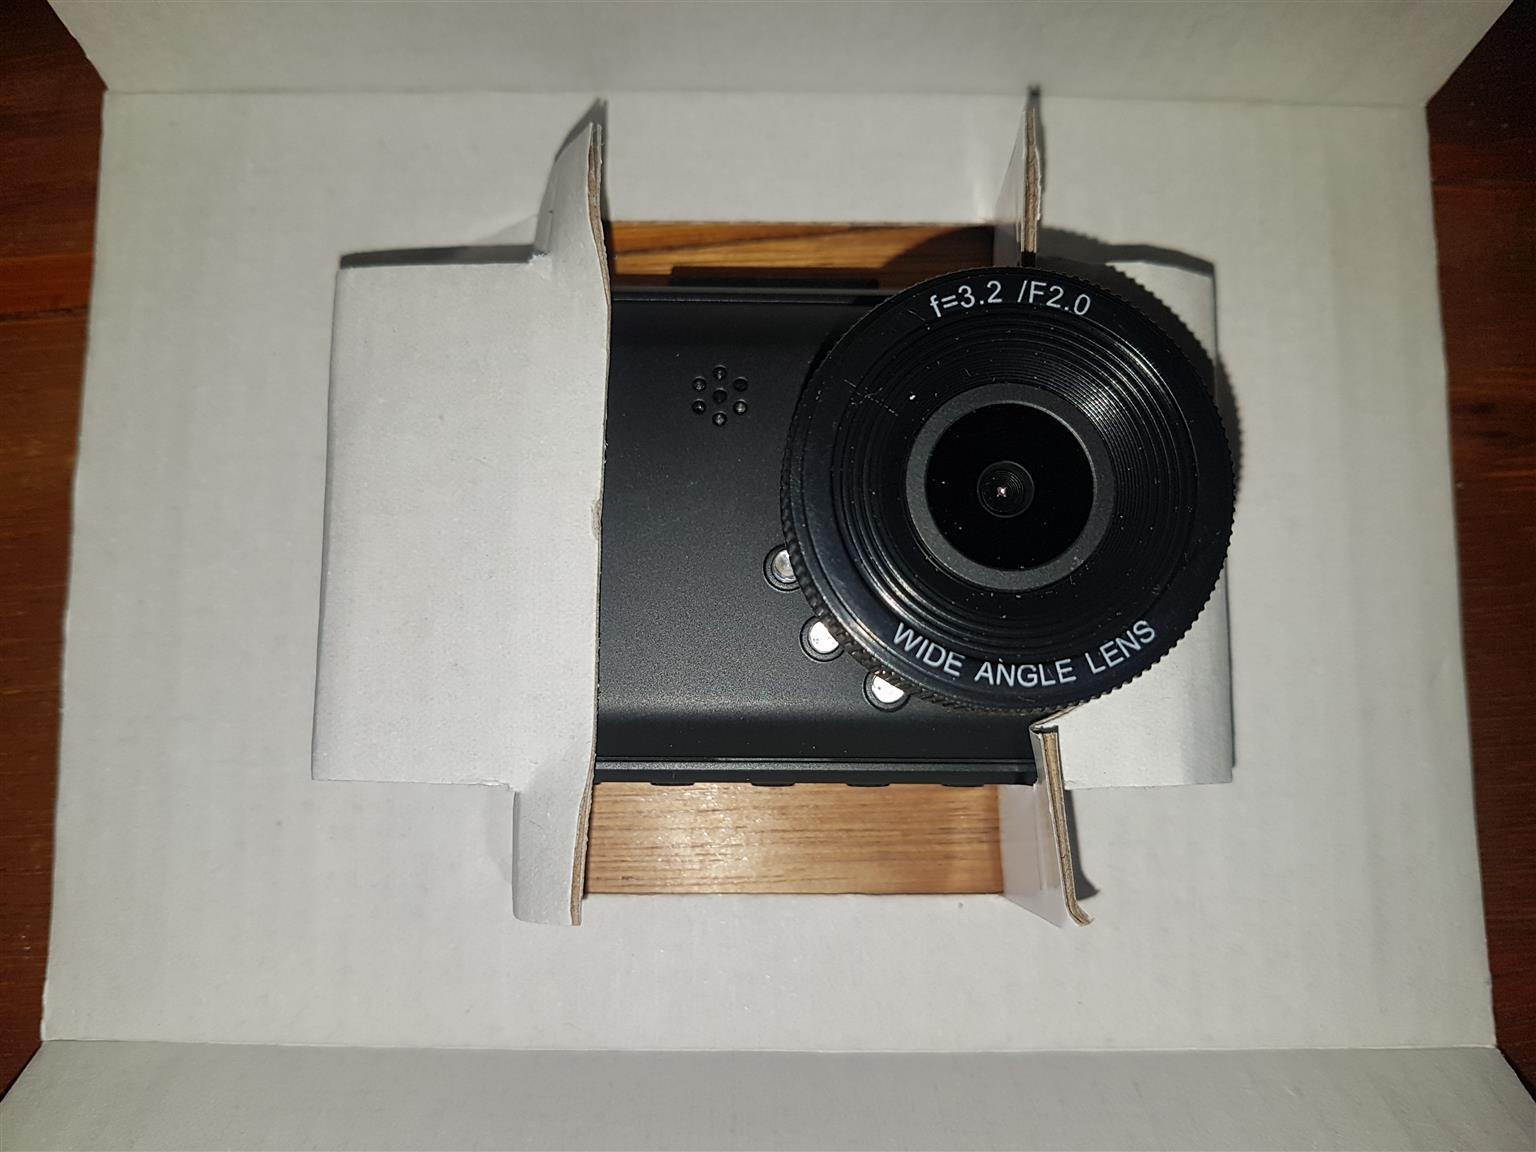 Dash cameras, TECH-4922 I have 2x TECH-4922 Dash cameras.